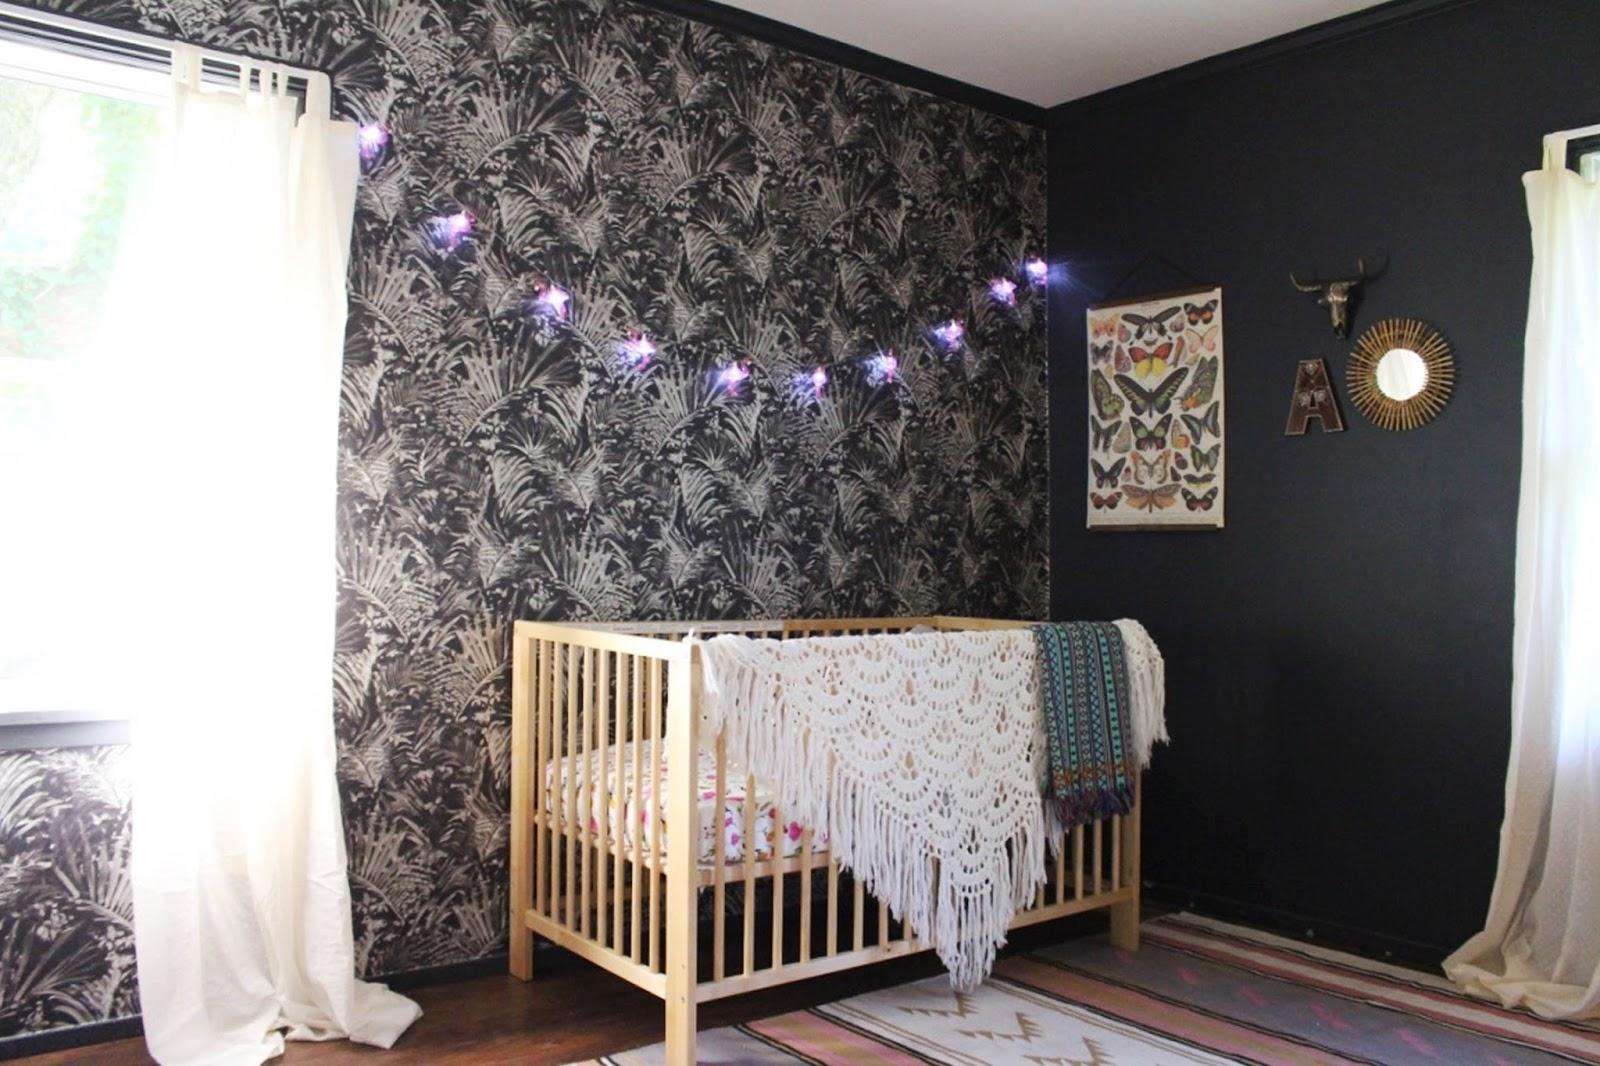 kinderzimmer mädchen, warum nicht in schwarz, dunkle zimmergestaltung für besseren schlaf, gemütlichkeit